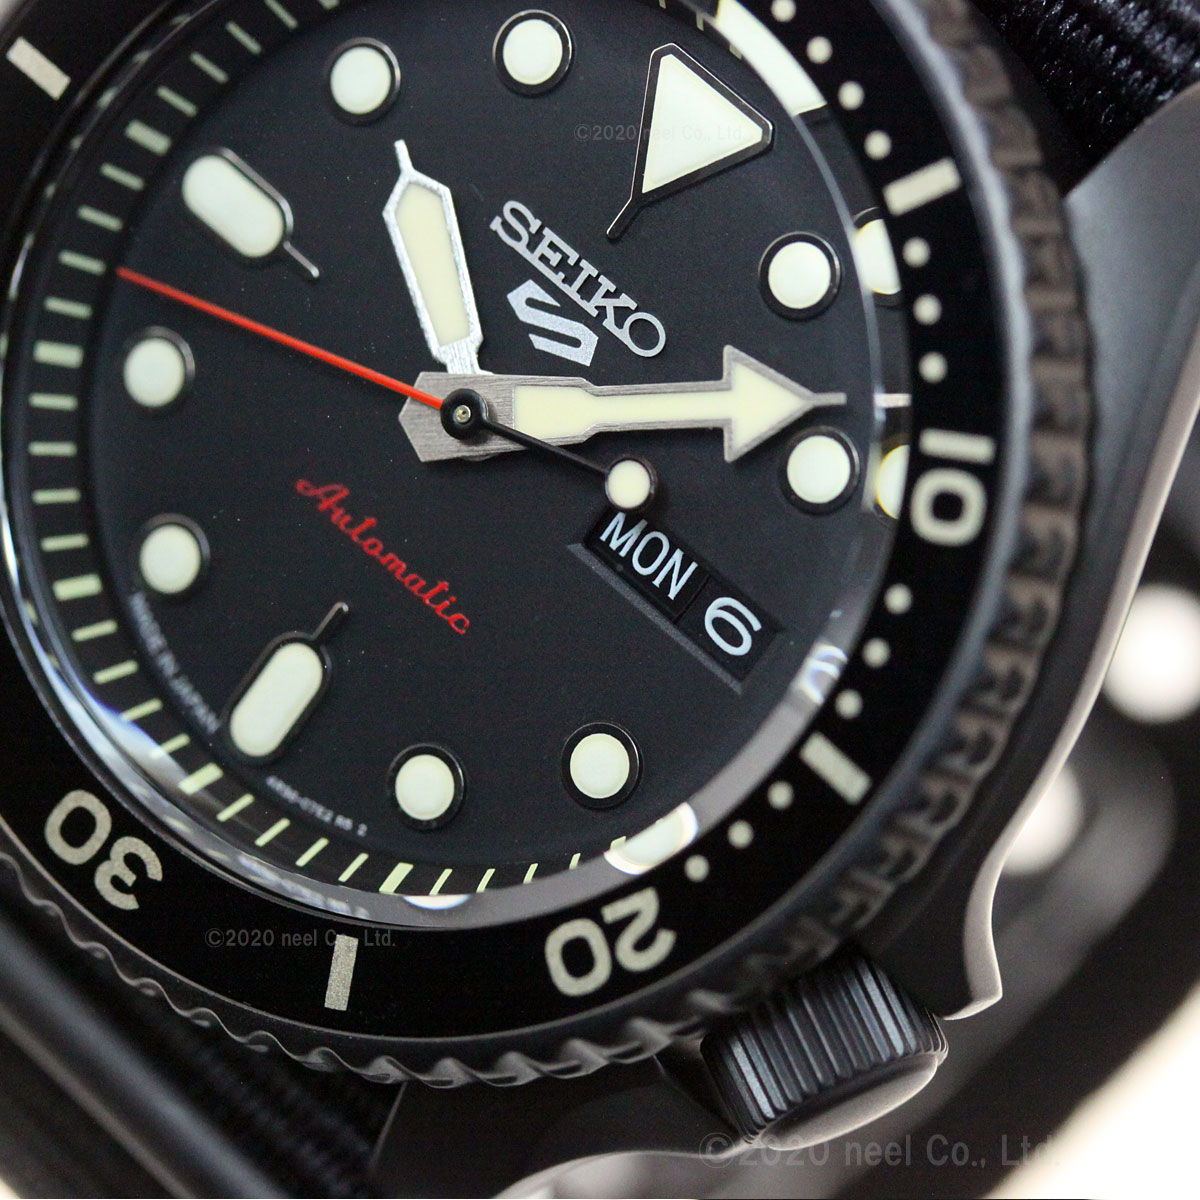 セイコー5 スポーツ SEIKO 5 SPORTS 自動巻き メカニカル neel限定モデル 腕時計 メンズ セイコーファイブ スポーツ Sports SBSA101